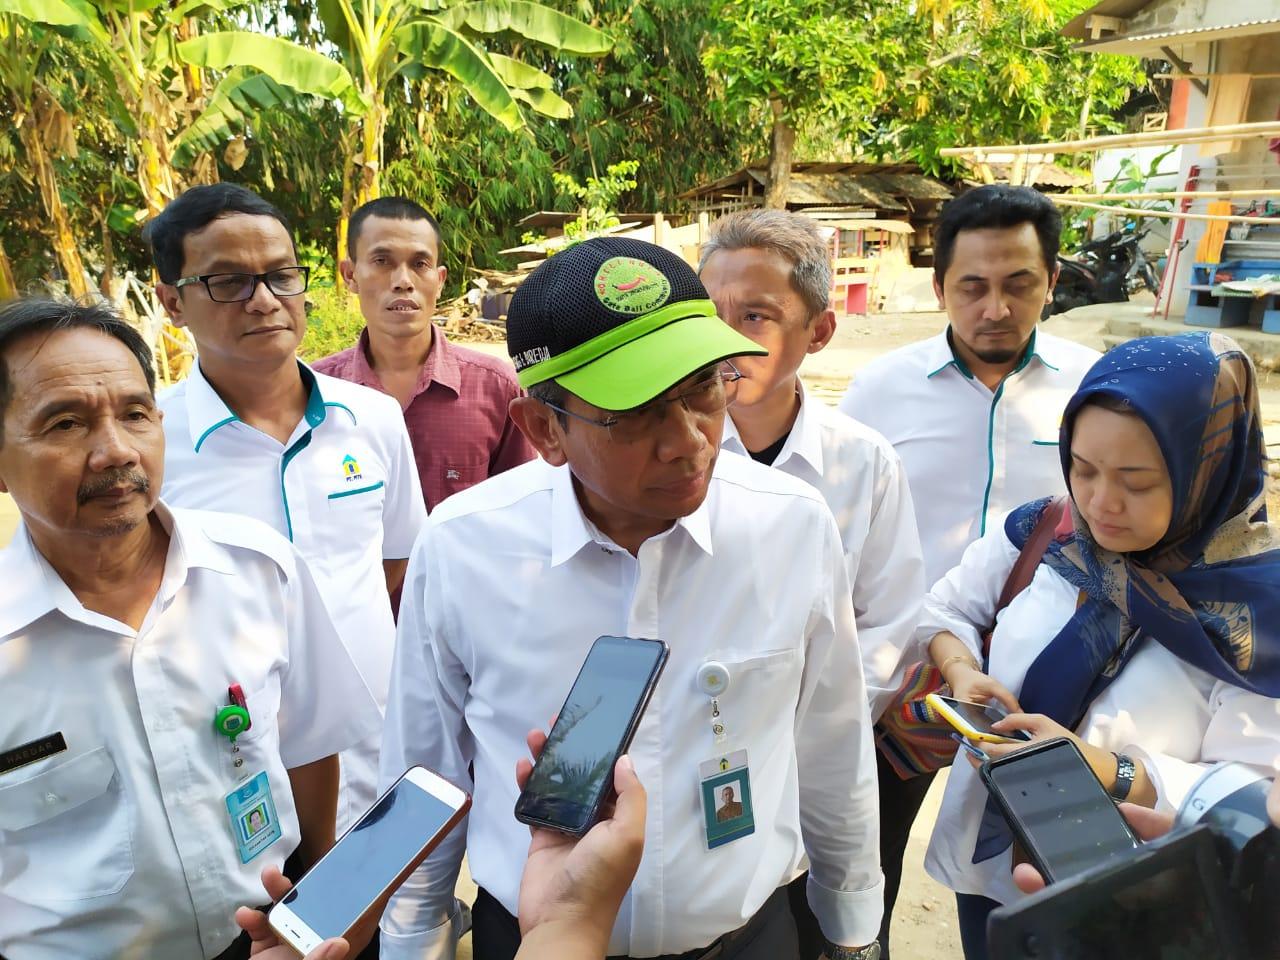 Direktur Utama PT PITS Dudung E Diredja (mengenakan kemeja putih memakai topi) saat memberikan bantuan air bersih kepada warga Koceak.